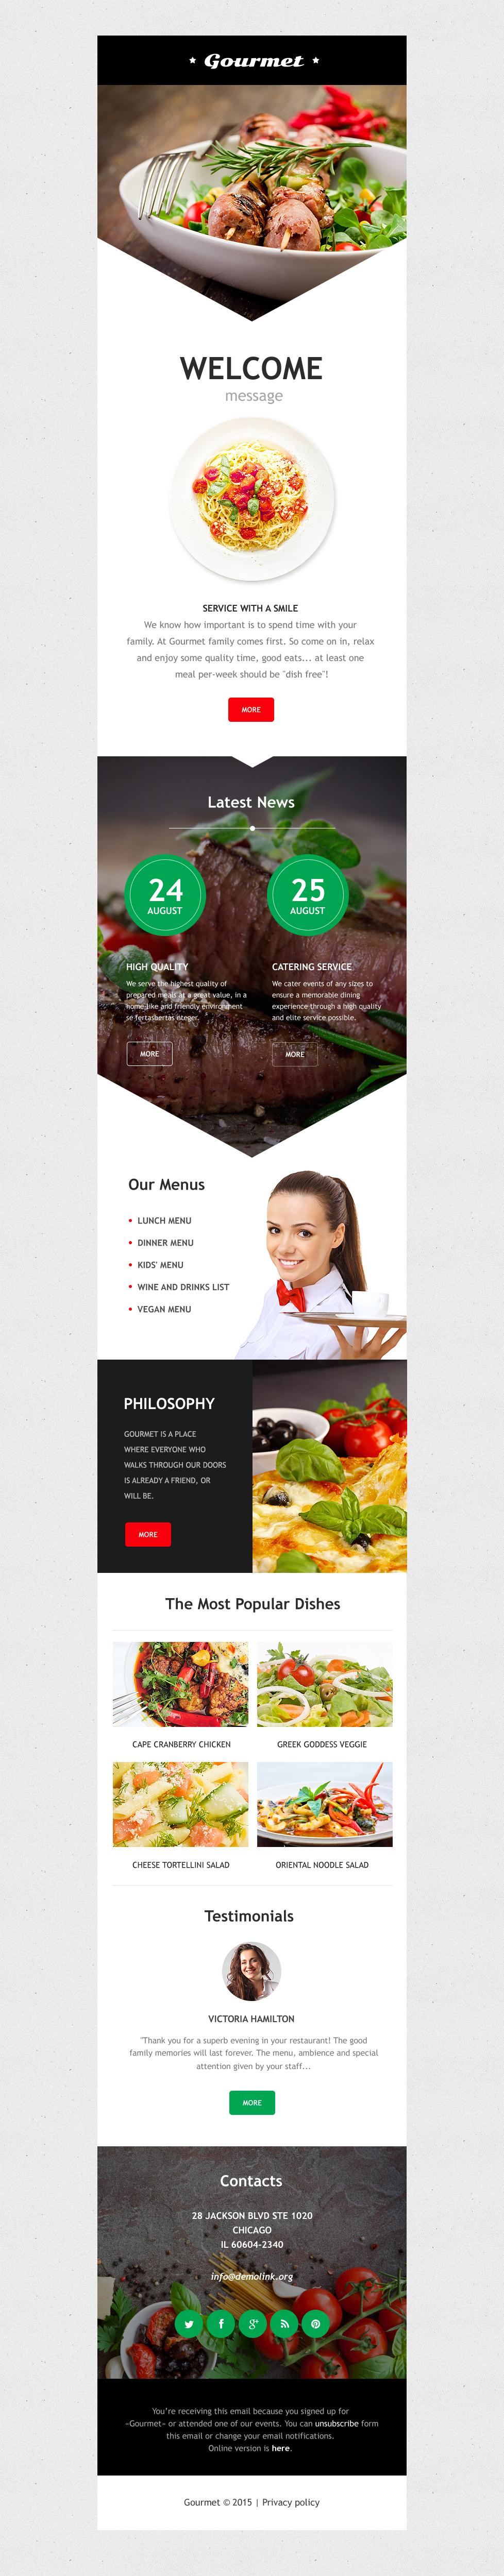 Responsive Newsletter Vorlage für Cafe und Restaurant #56079